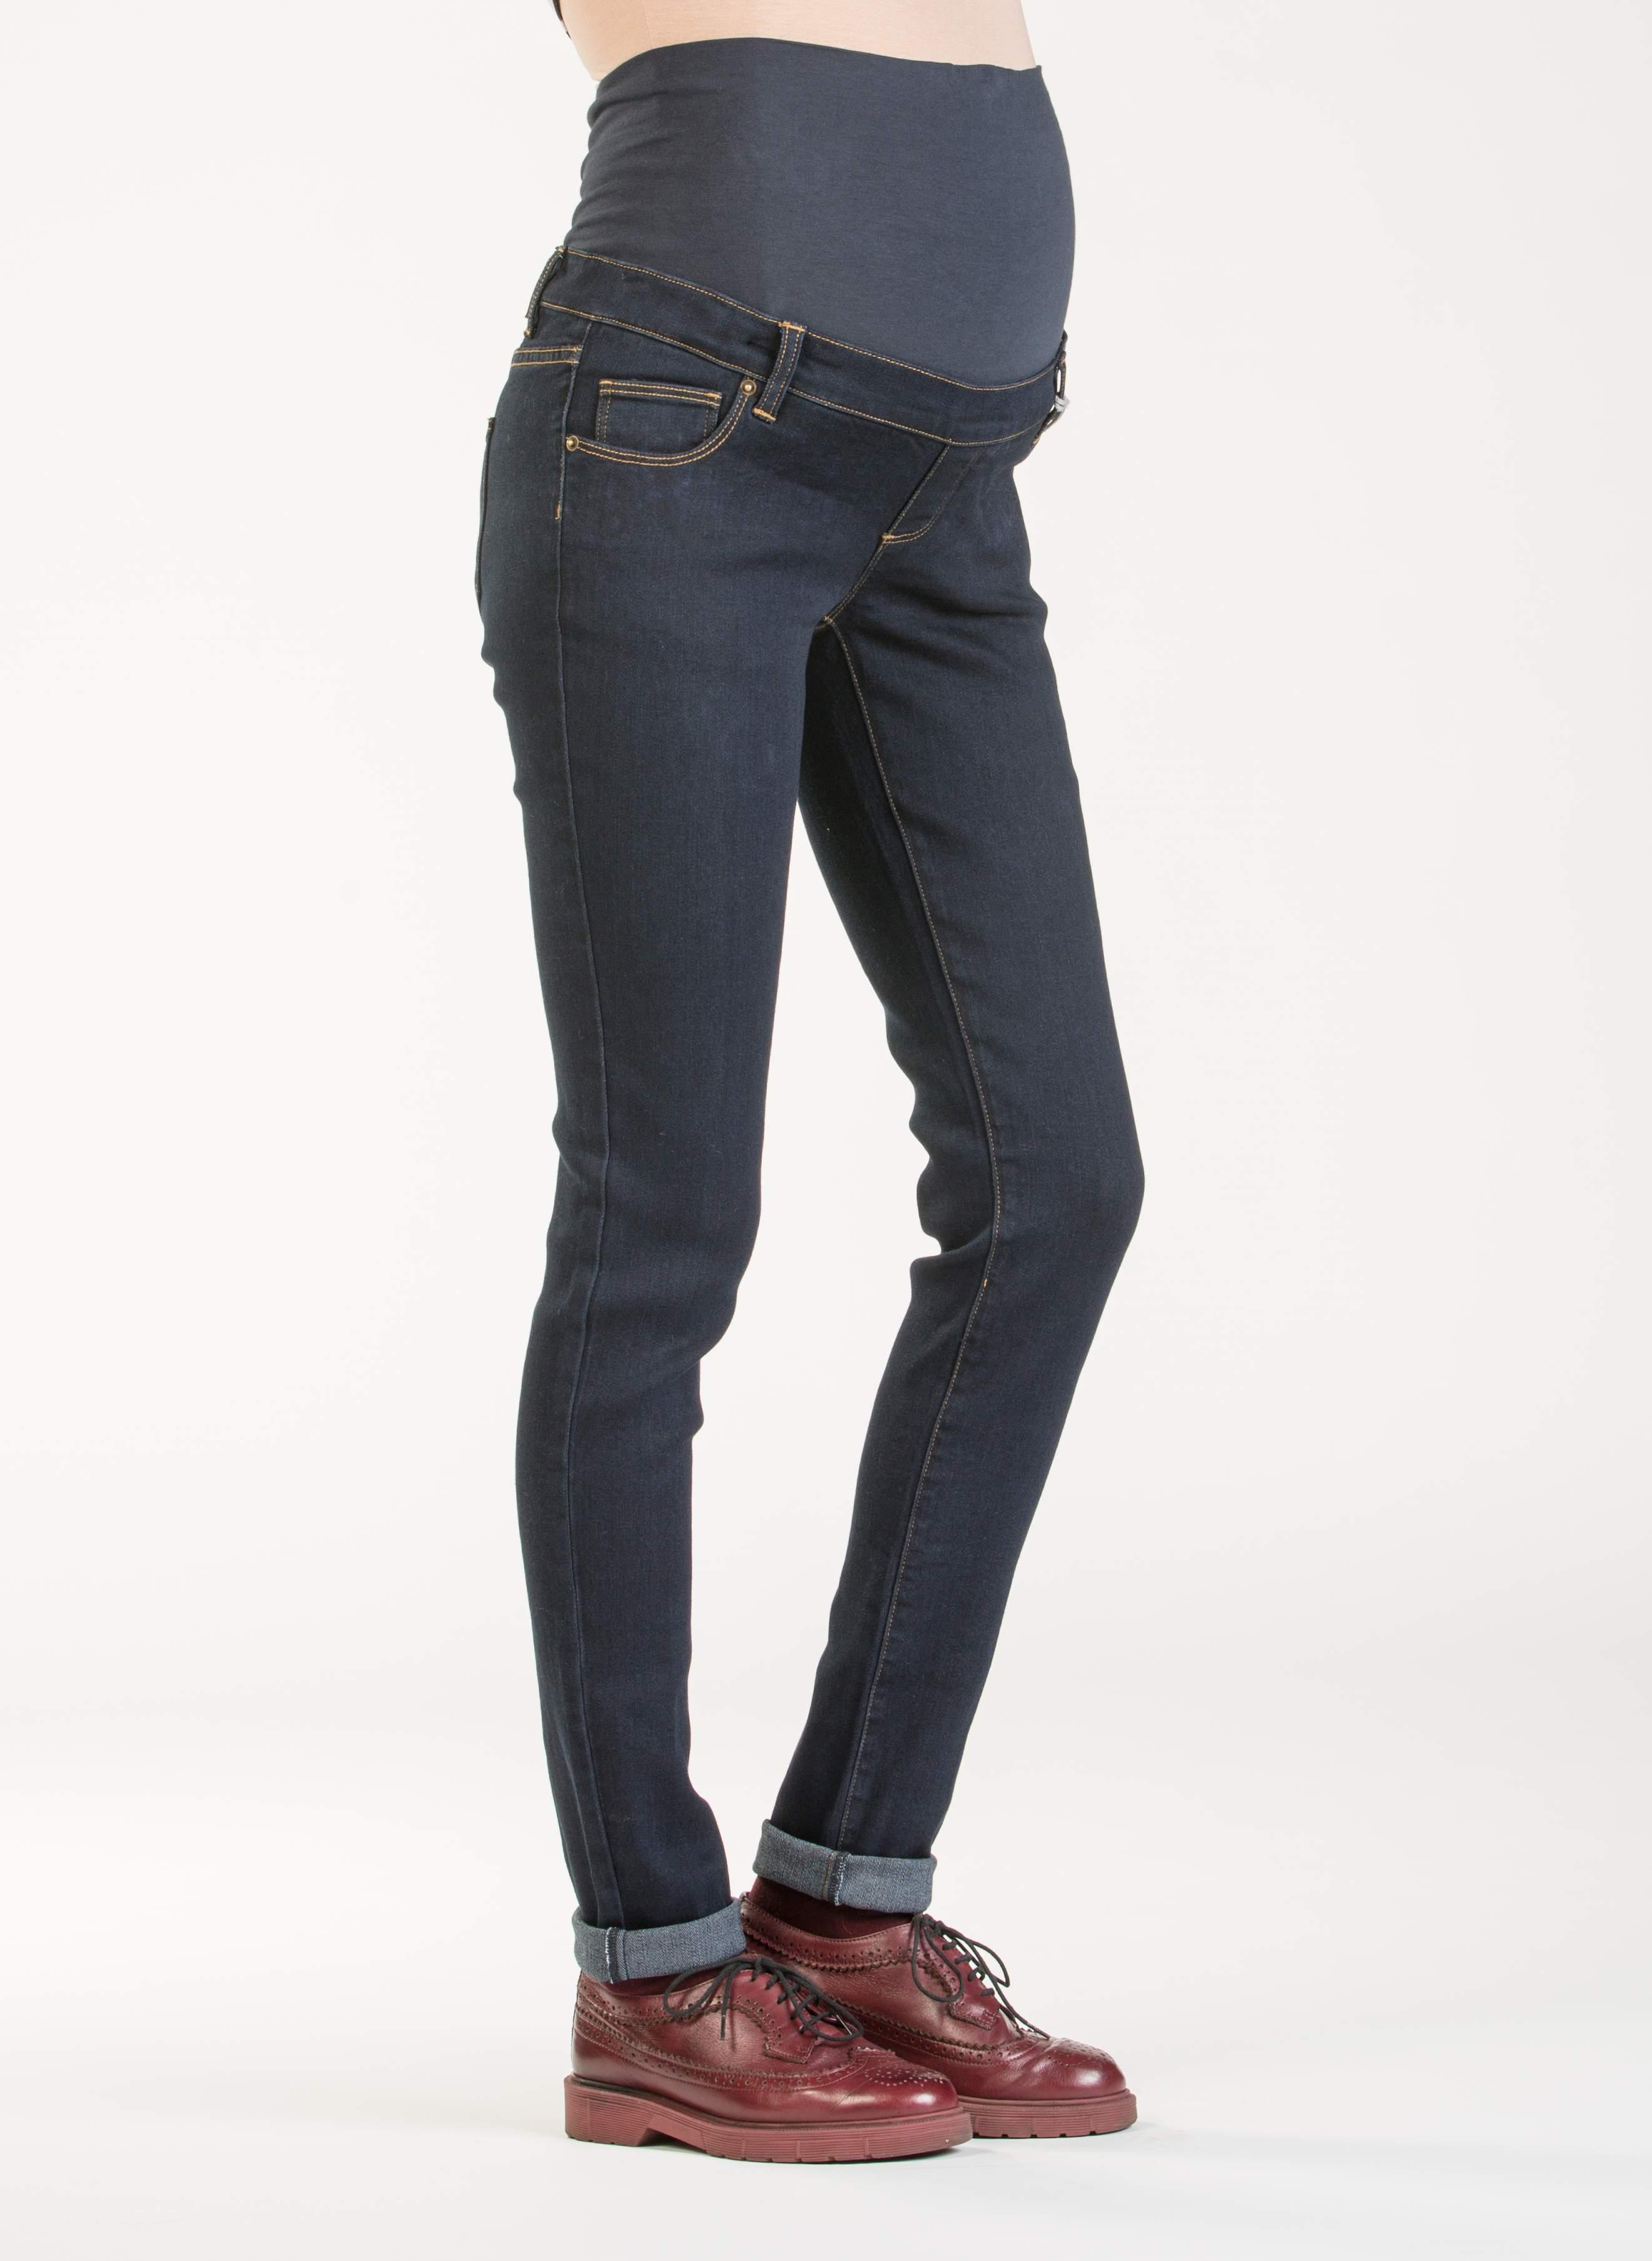 wholesale dealer 32a88 8d5a7 Jeans Premaman Super Stretch in Viscosa Lavaggio Scuro ...